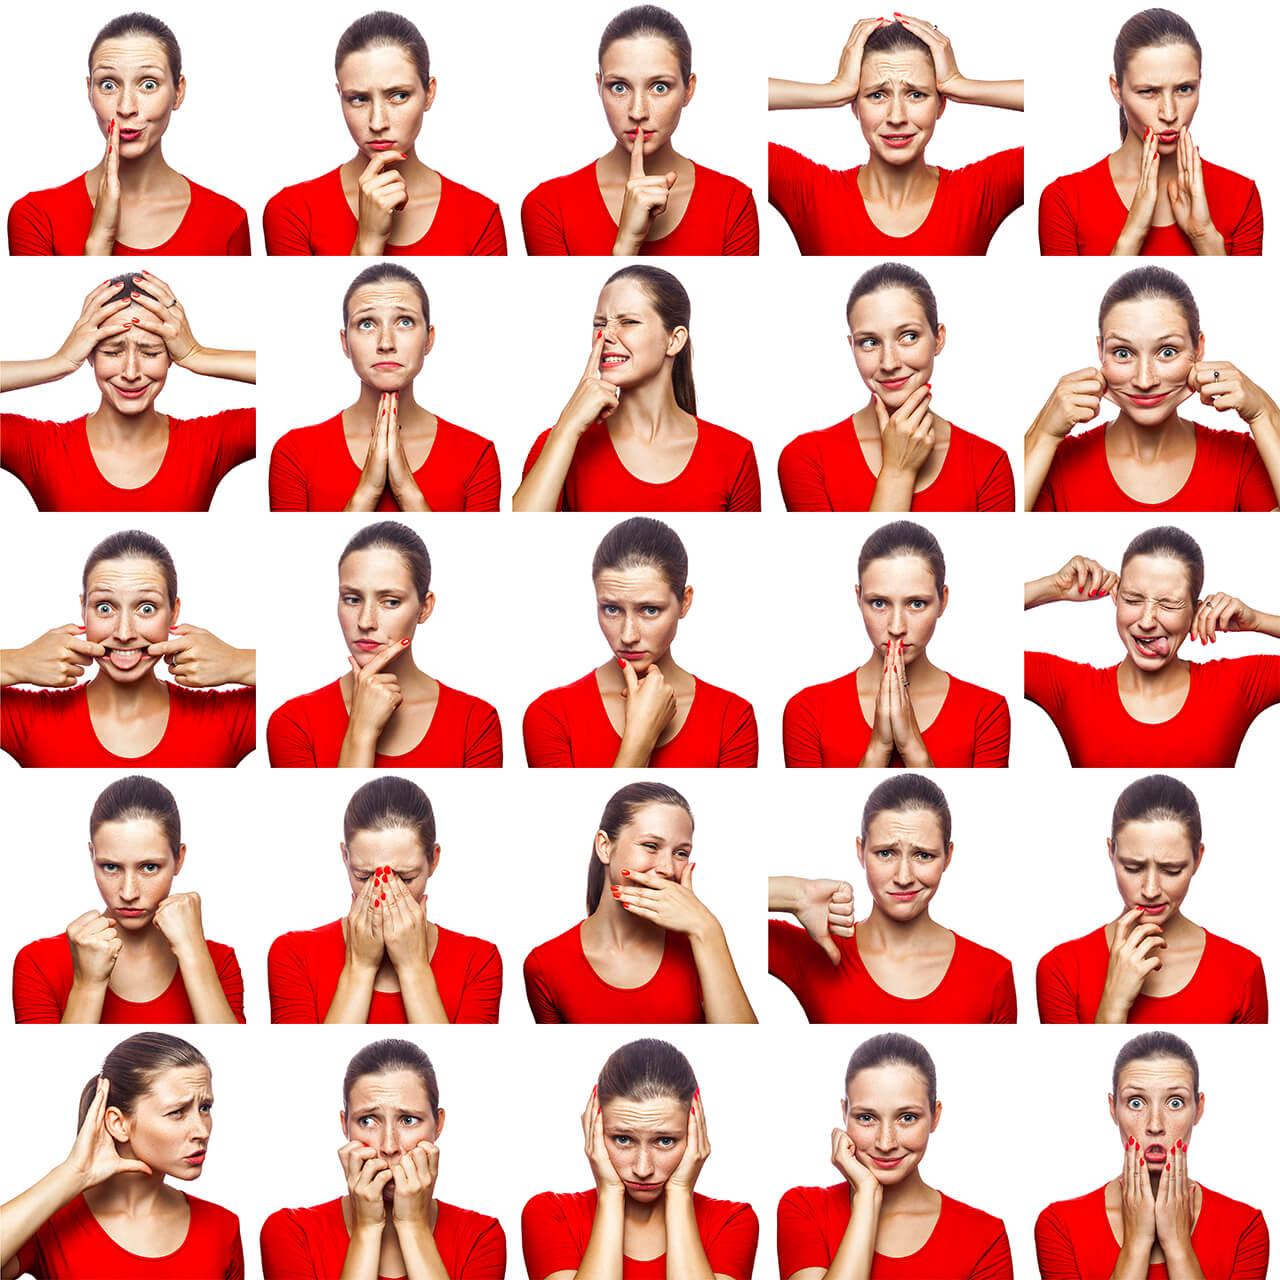 Mit der Buyer Persona erhalten Sie Einblicke in die Gedanken und Gefühle der Kunden.